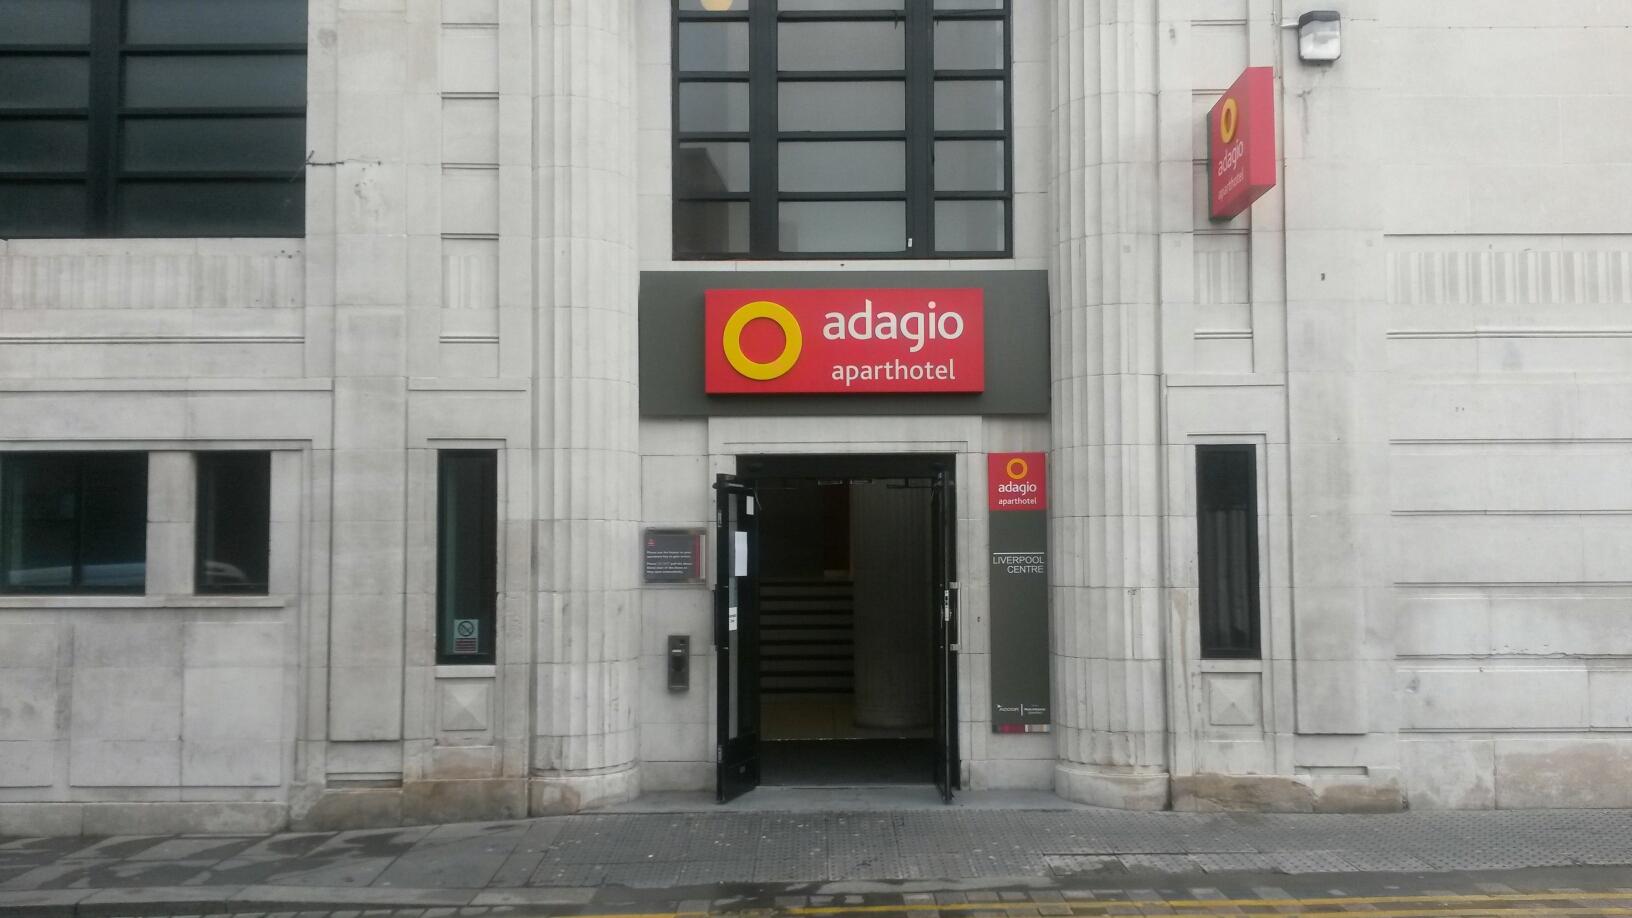 Adagio Apart Hotel